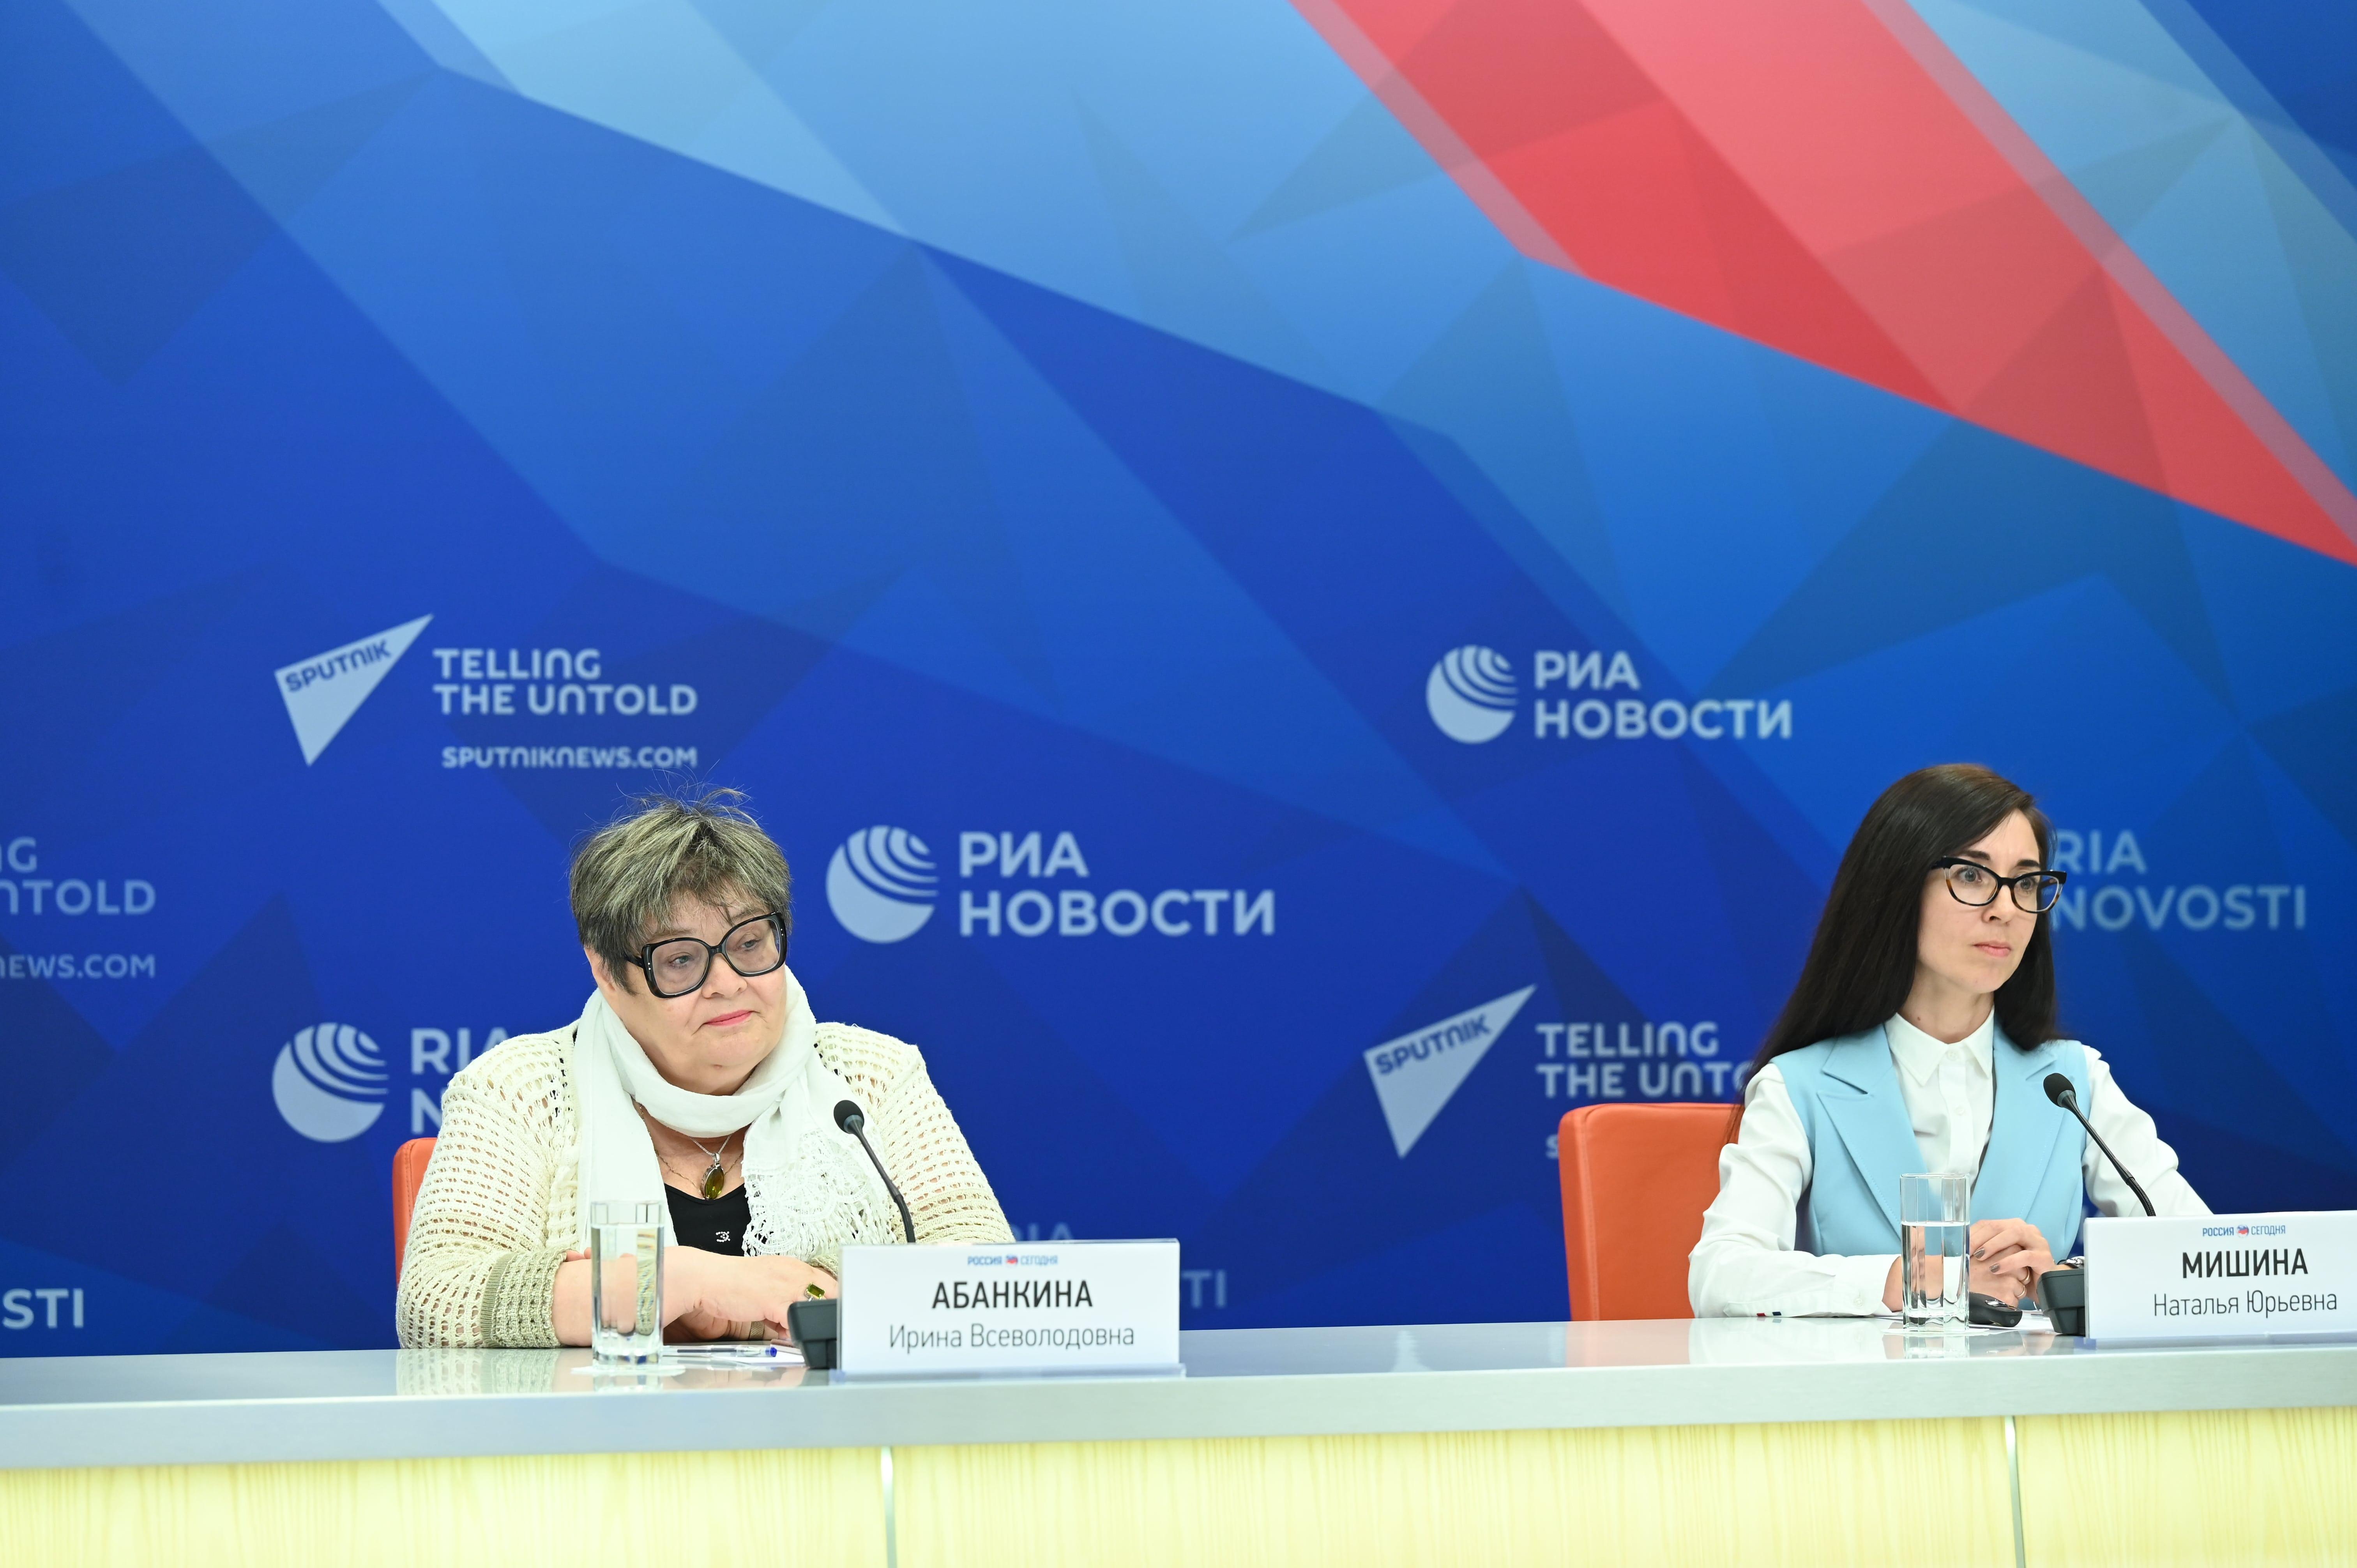 Пресс-конференция Обрсоюза, посвященная запуску конкурса «СОТ»: вопросы экспертам